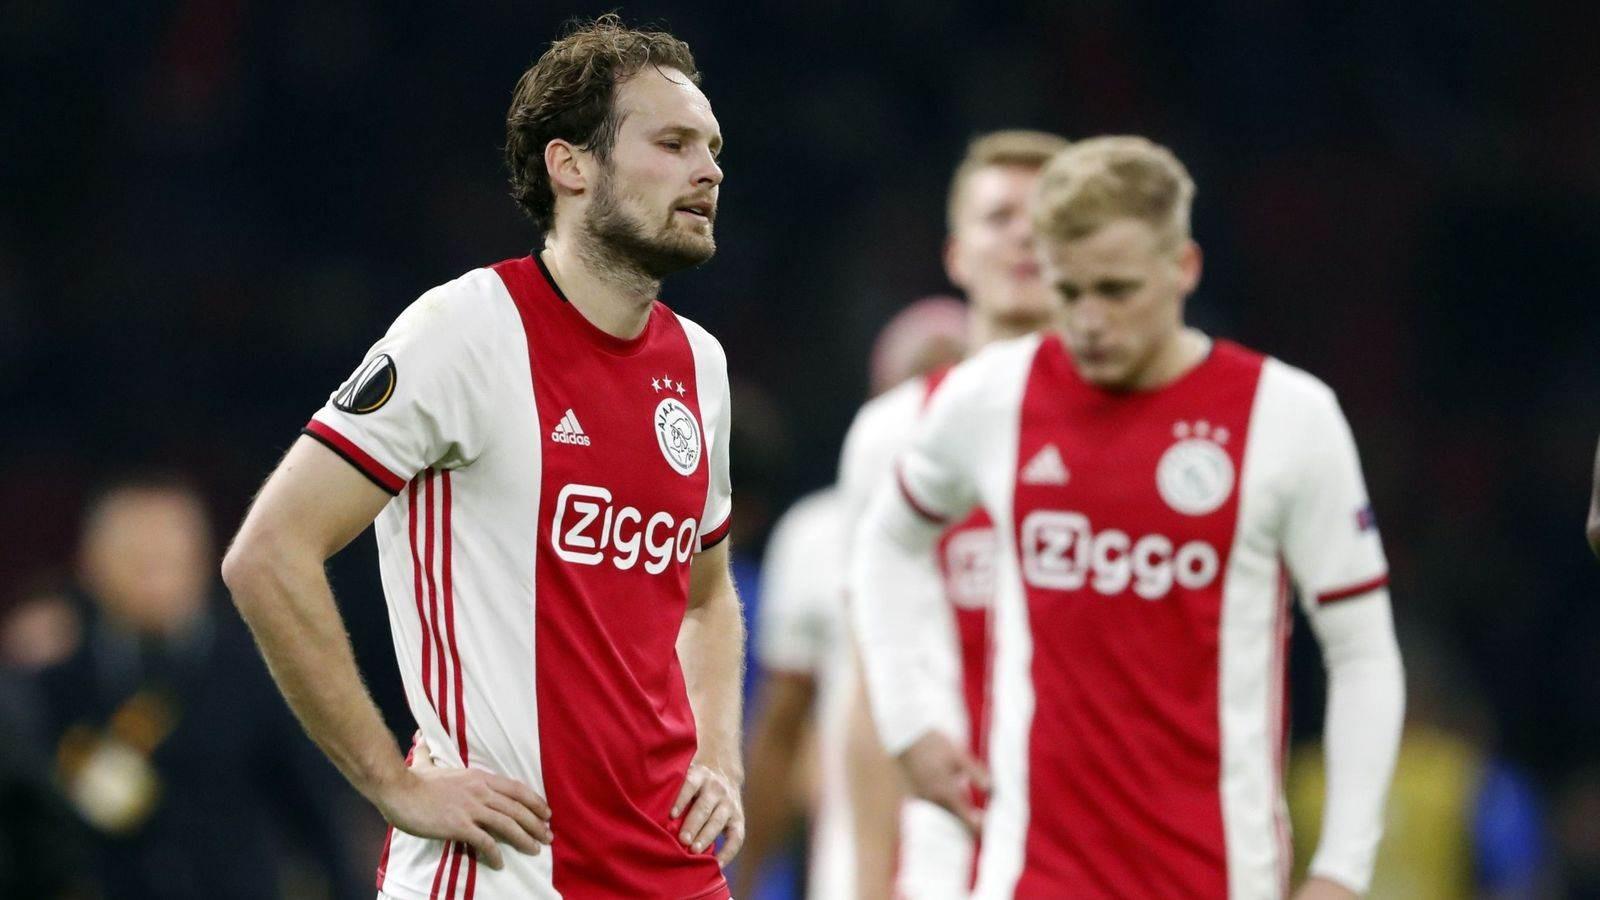 إلغاء موسم الدوري الهولندي دون بطل!